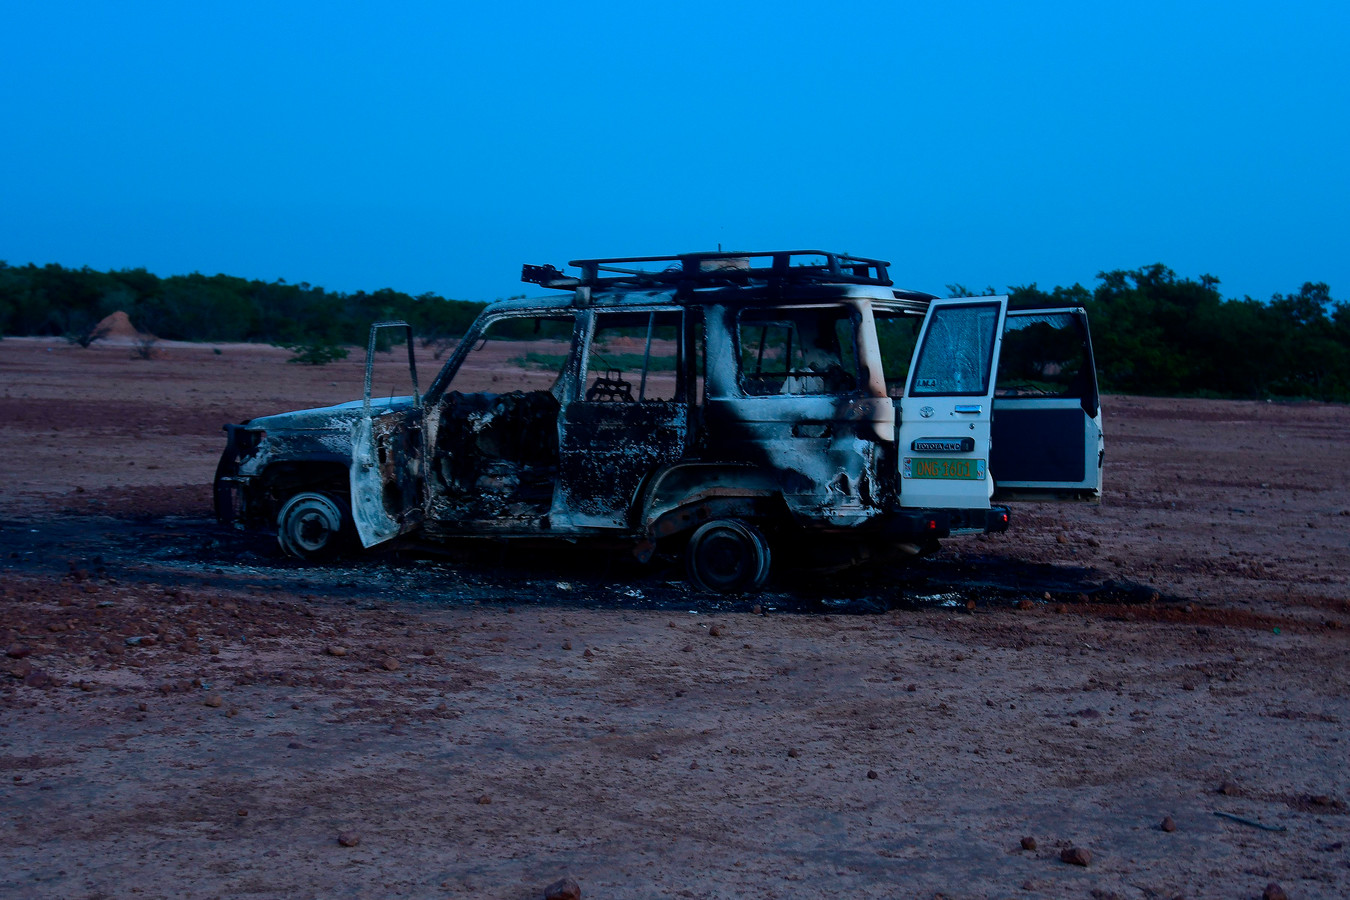 Het 4x4 voertuig van de groep werd doorzeefd met kogels en vloog daarna in brand.